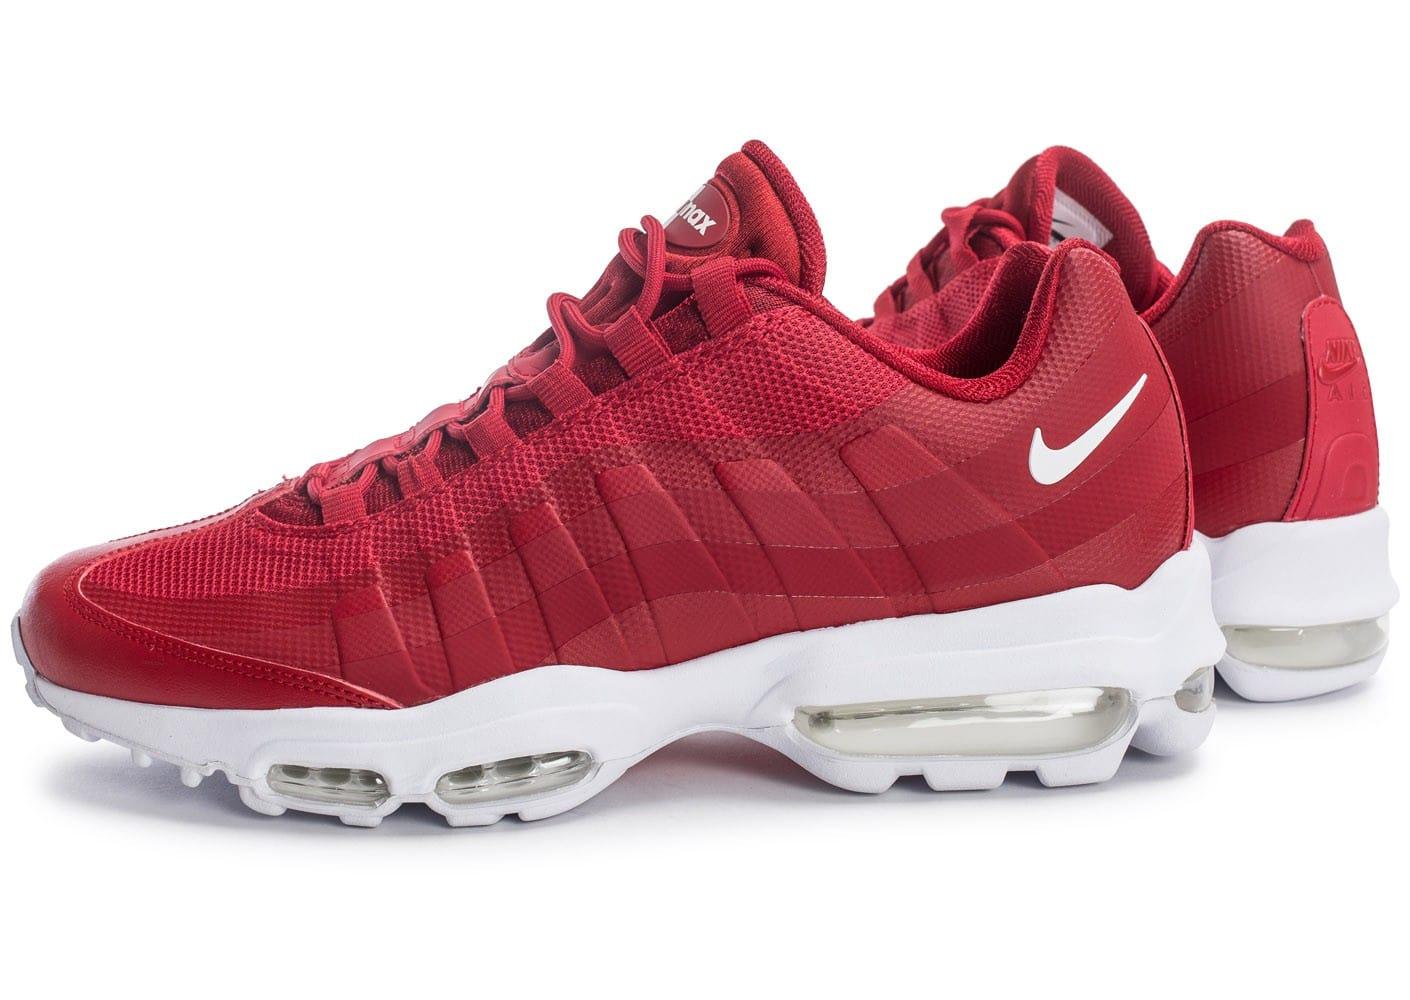 f1cd51fea2c8 ... blanc rouge jaune chaussures en ligne officielle pas cher 2e5f3 62664;  order air max 95 rouge femme. nike femme homme air max 95 se homme nike